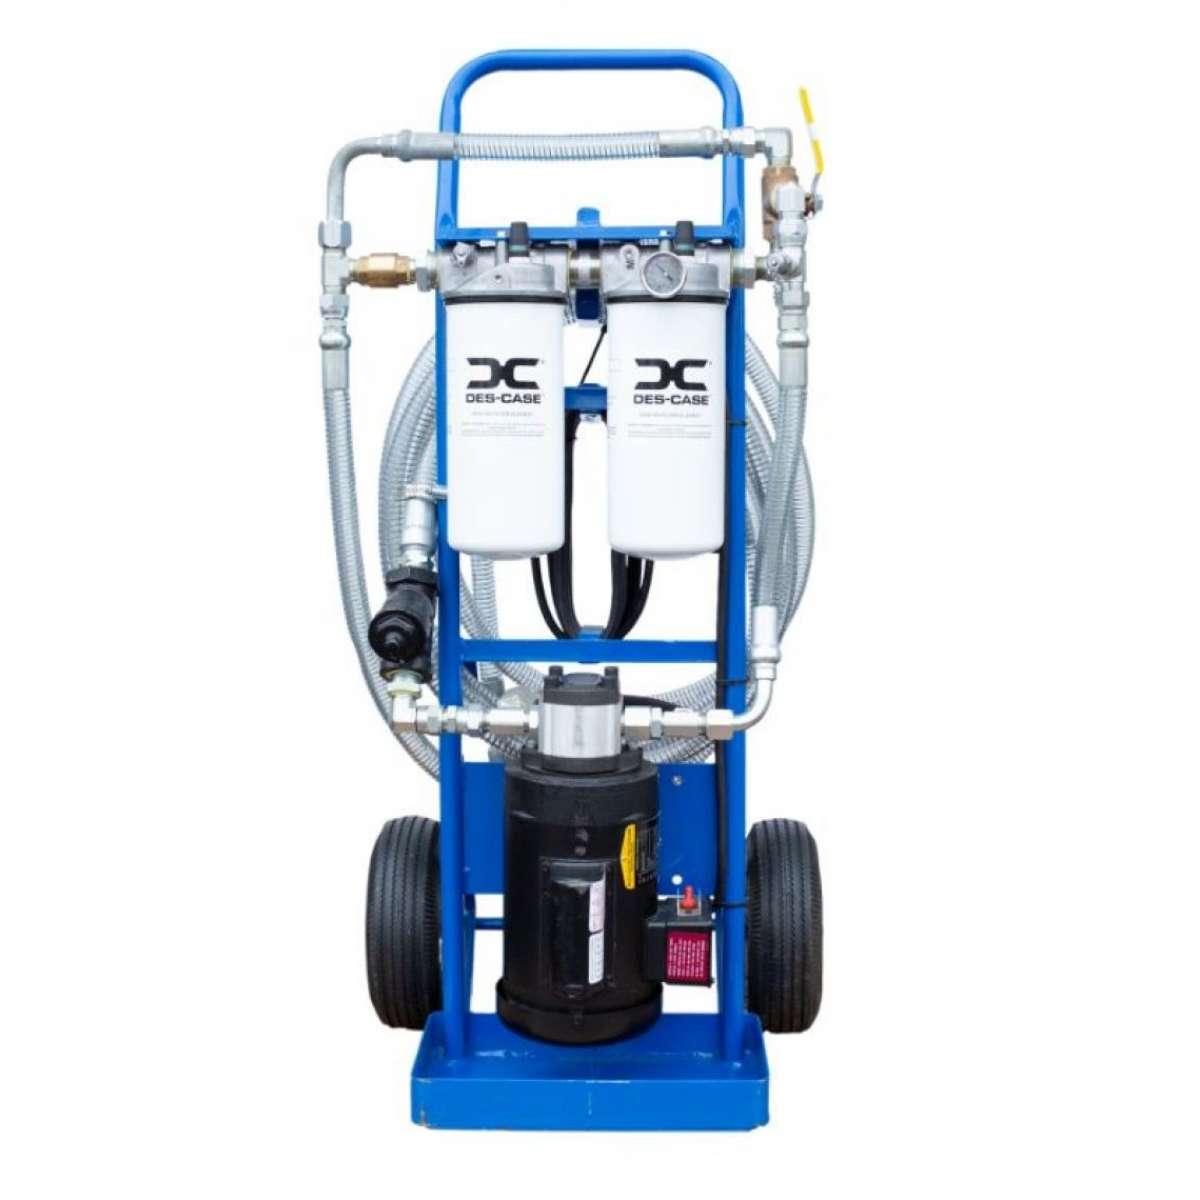 FlowGuard Filter Cart - Best for Gear Oil